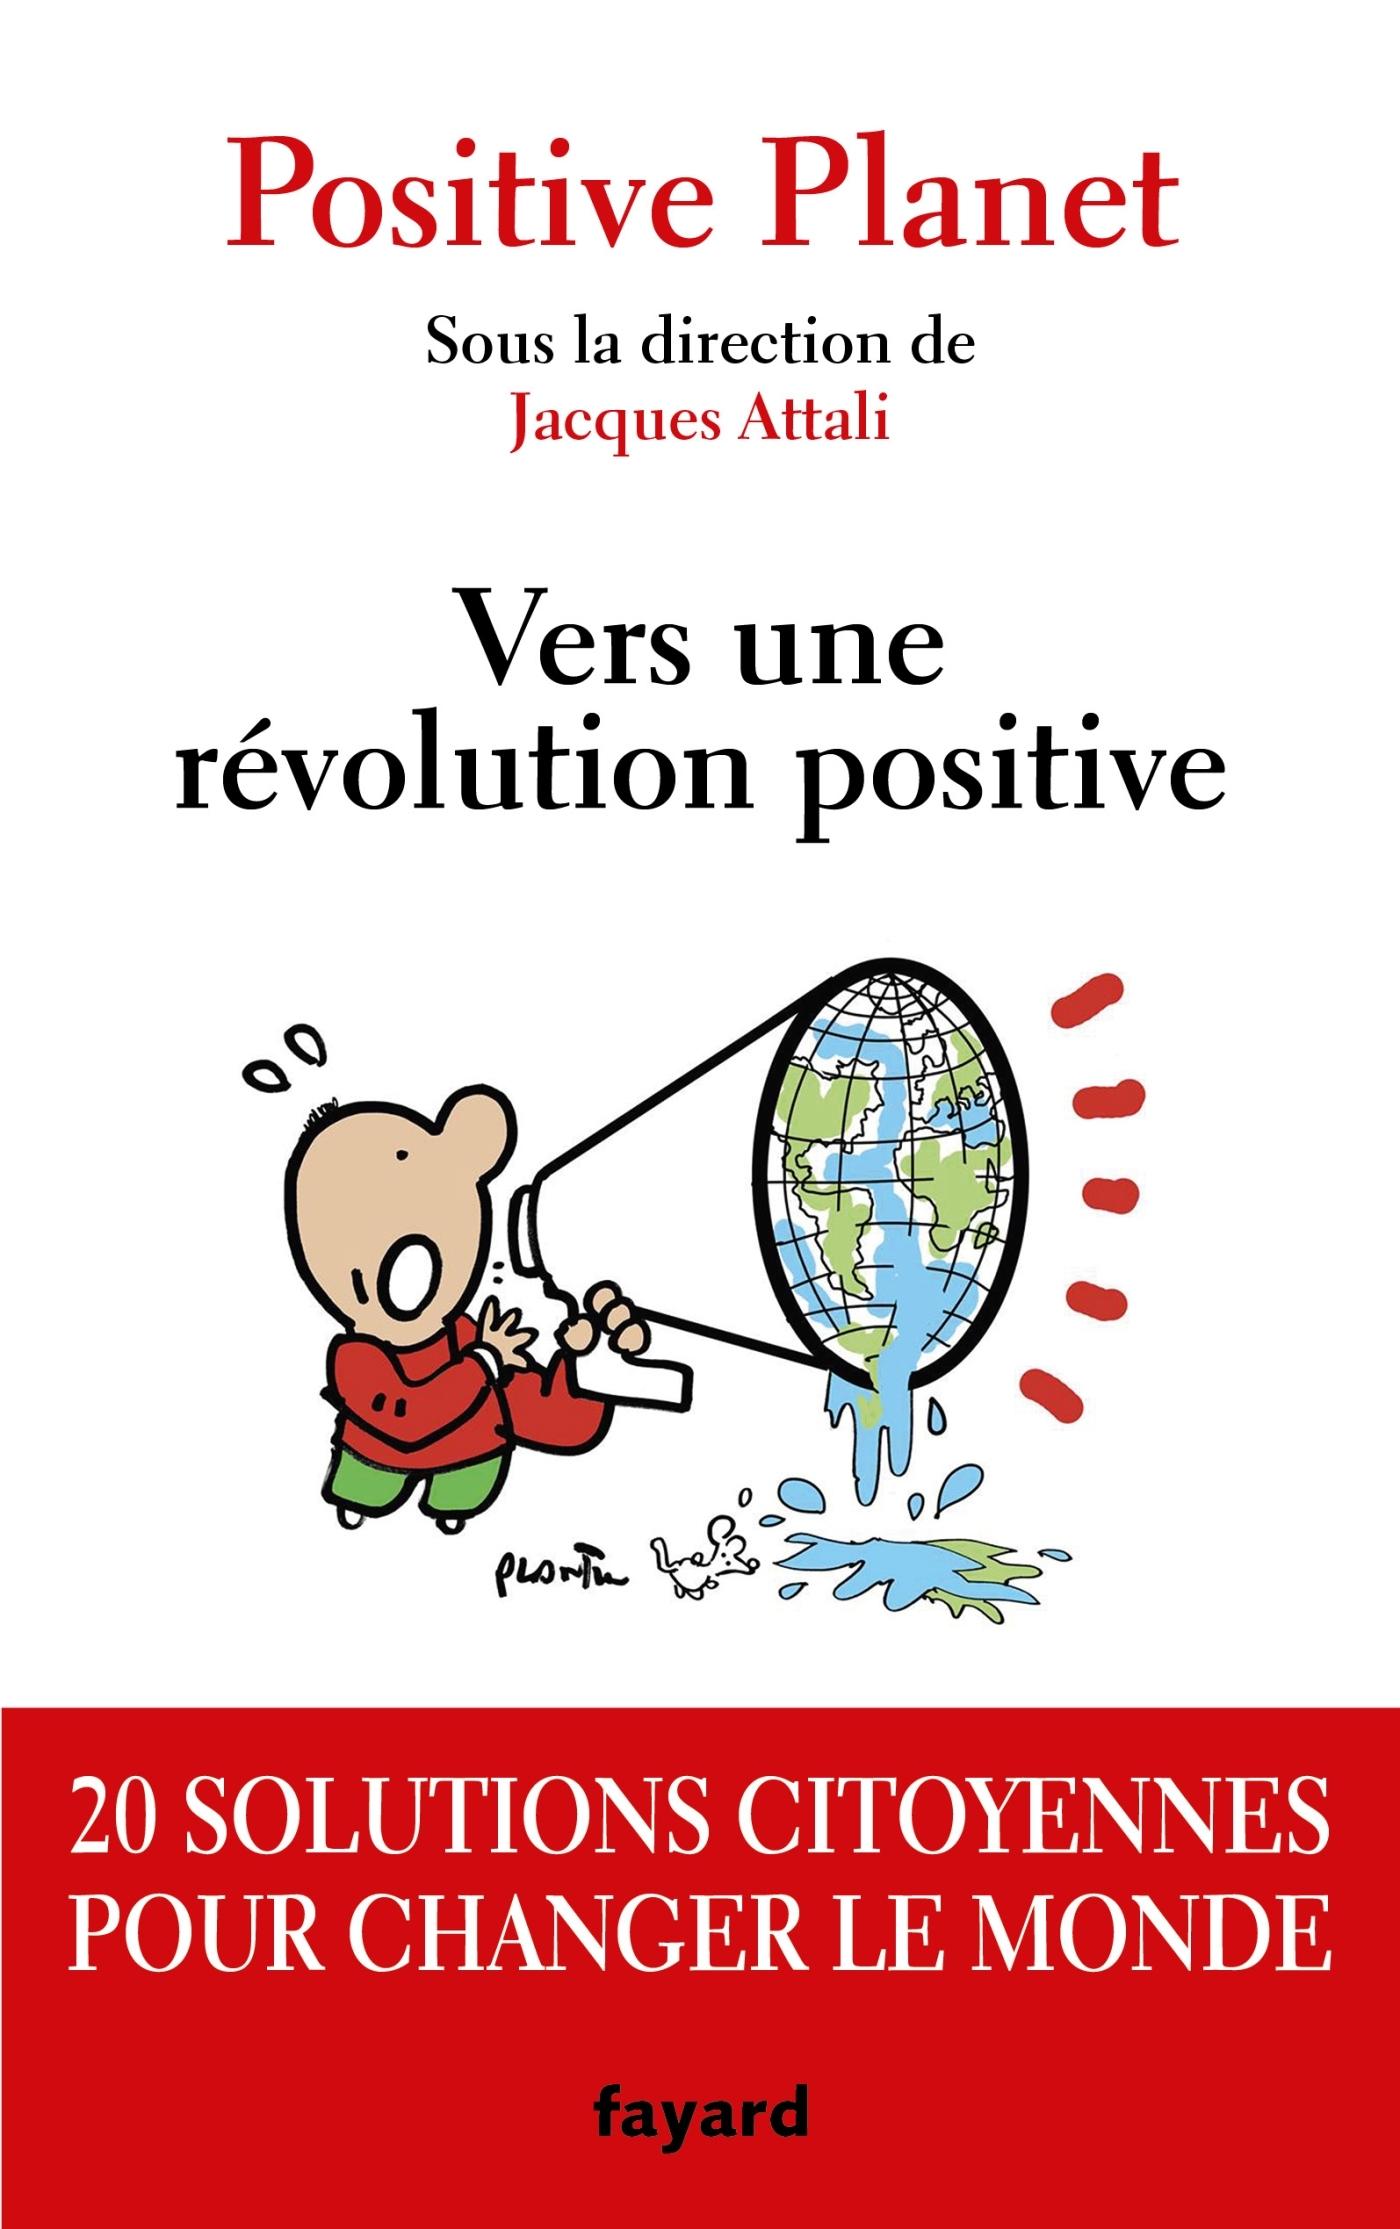 VERS UNE REVOLUTION POSITIVE - 20 SOLUTIONS CITOYENNES POUR CHANGER LE MONDE